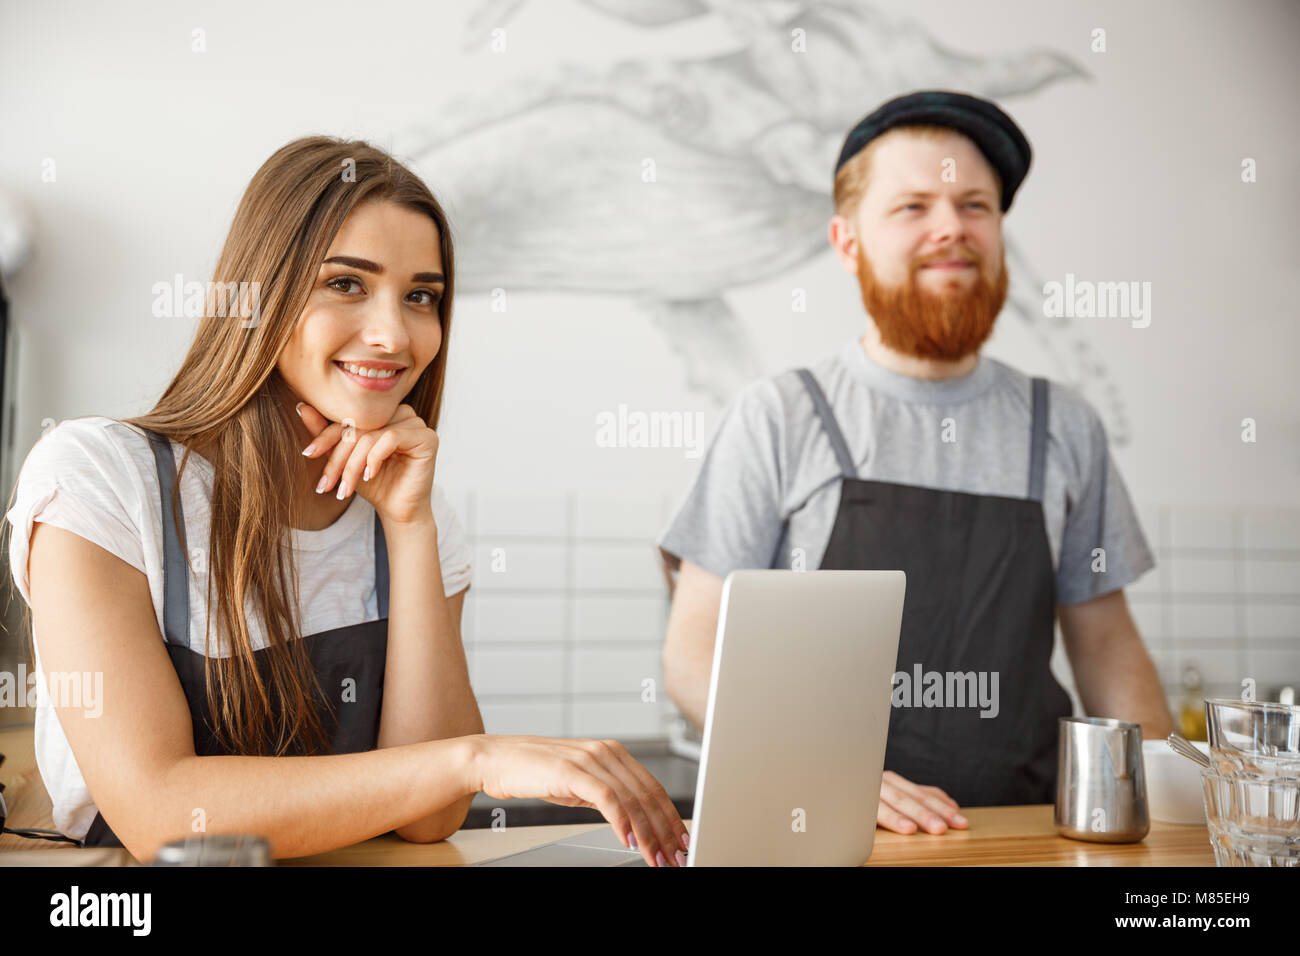 Caffè il concetto di Business - Ritratto di small business partner di lavoro insieme a loro coffee shop Immagini Stock